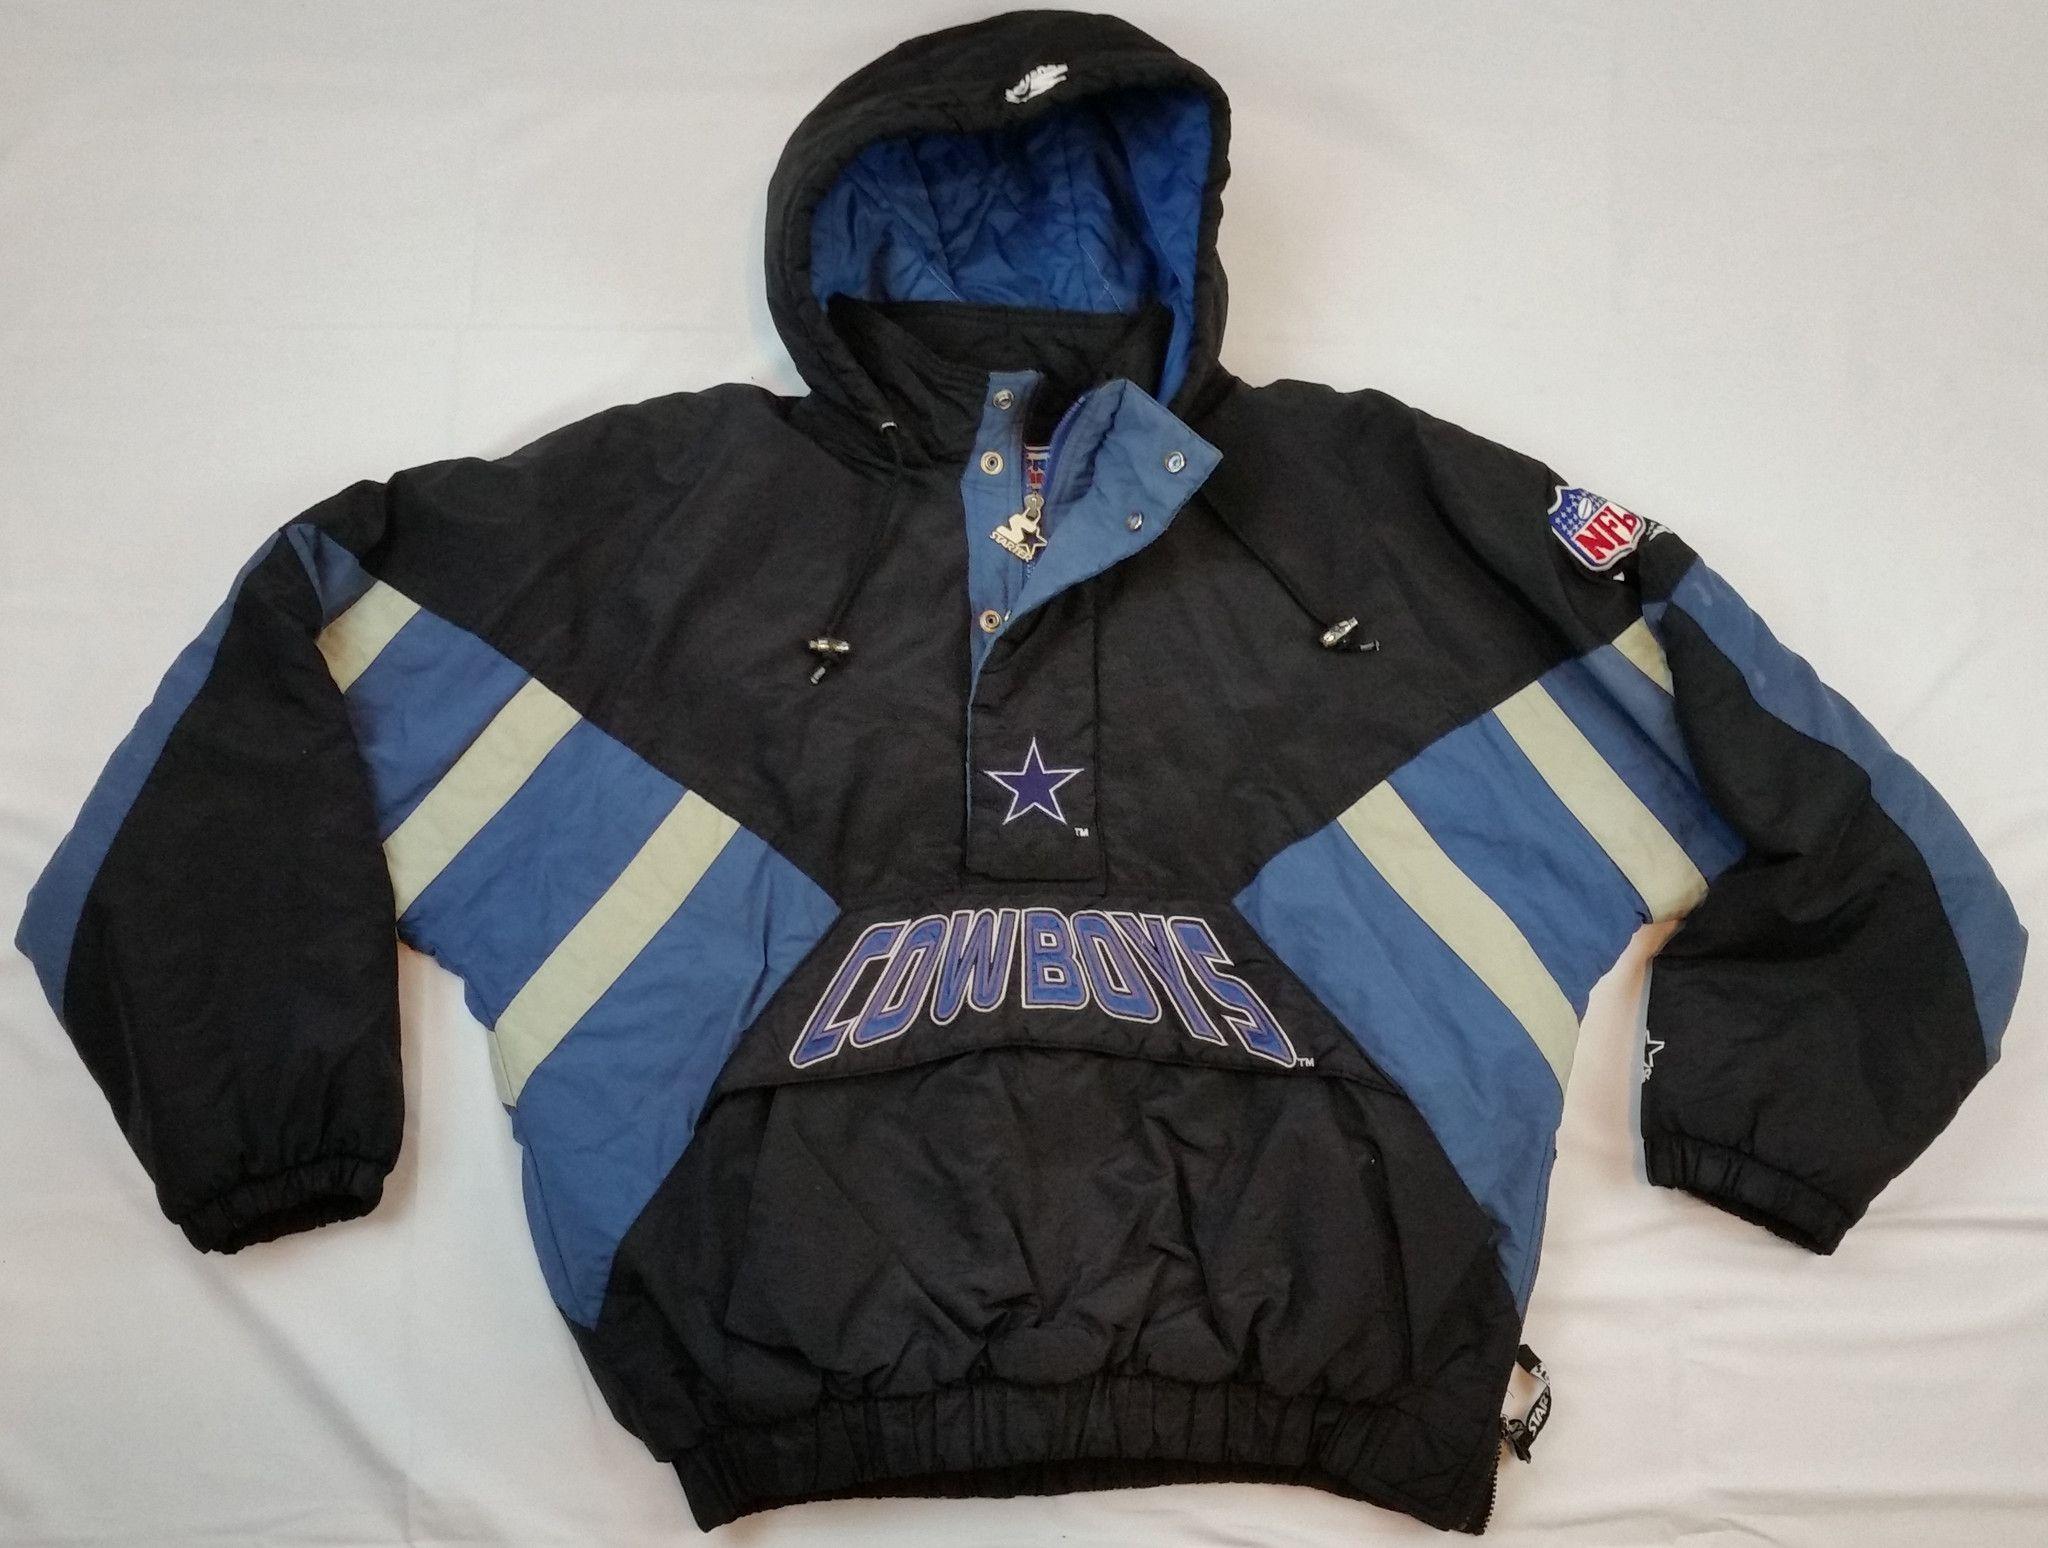 Discount Dallas Cowboys Starter Jacket Vintage NFL Pro Line Pullover Parka